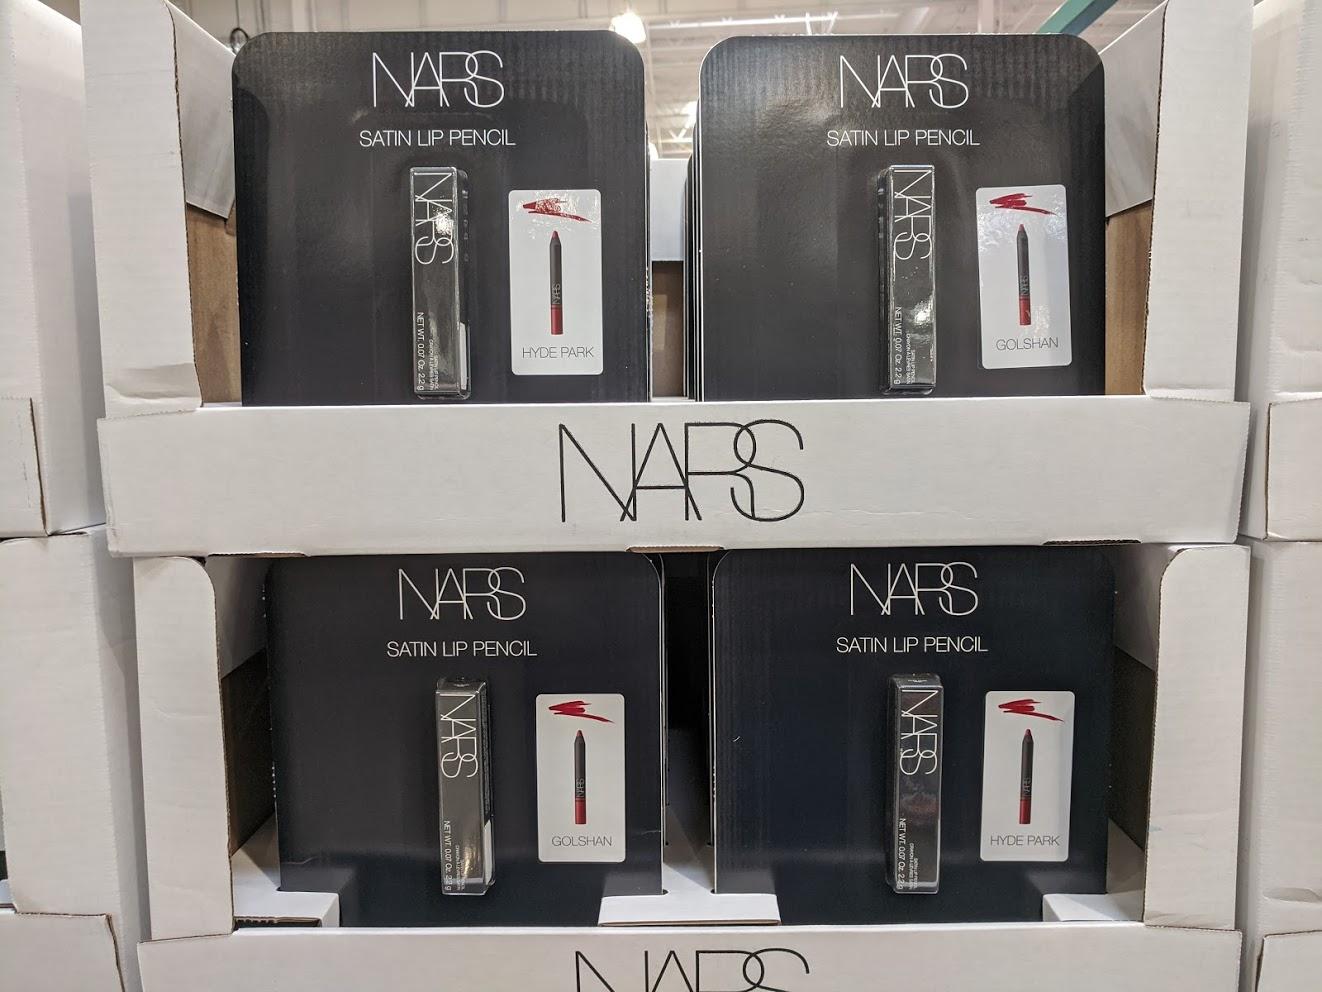 NARSSatinLipPencil-1416790